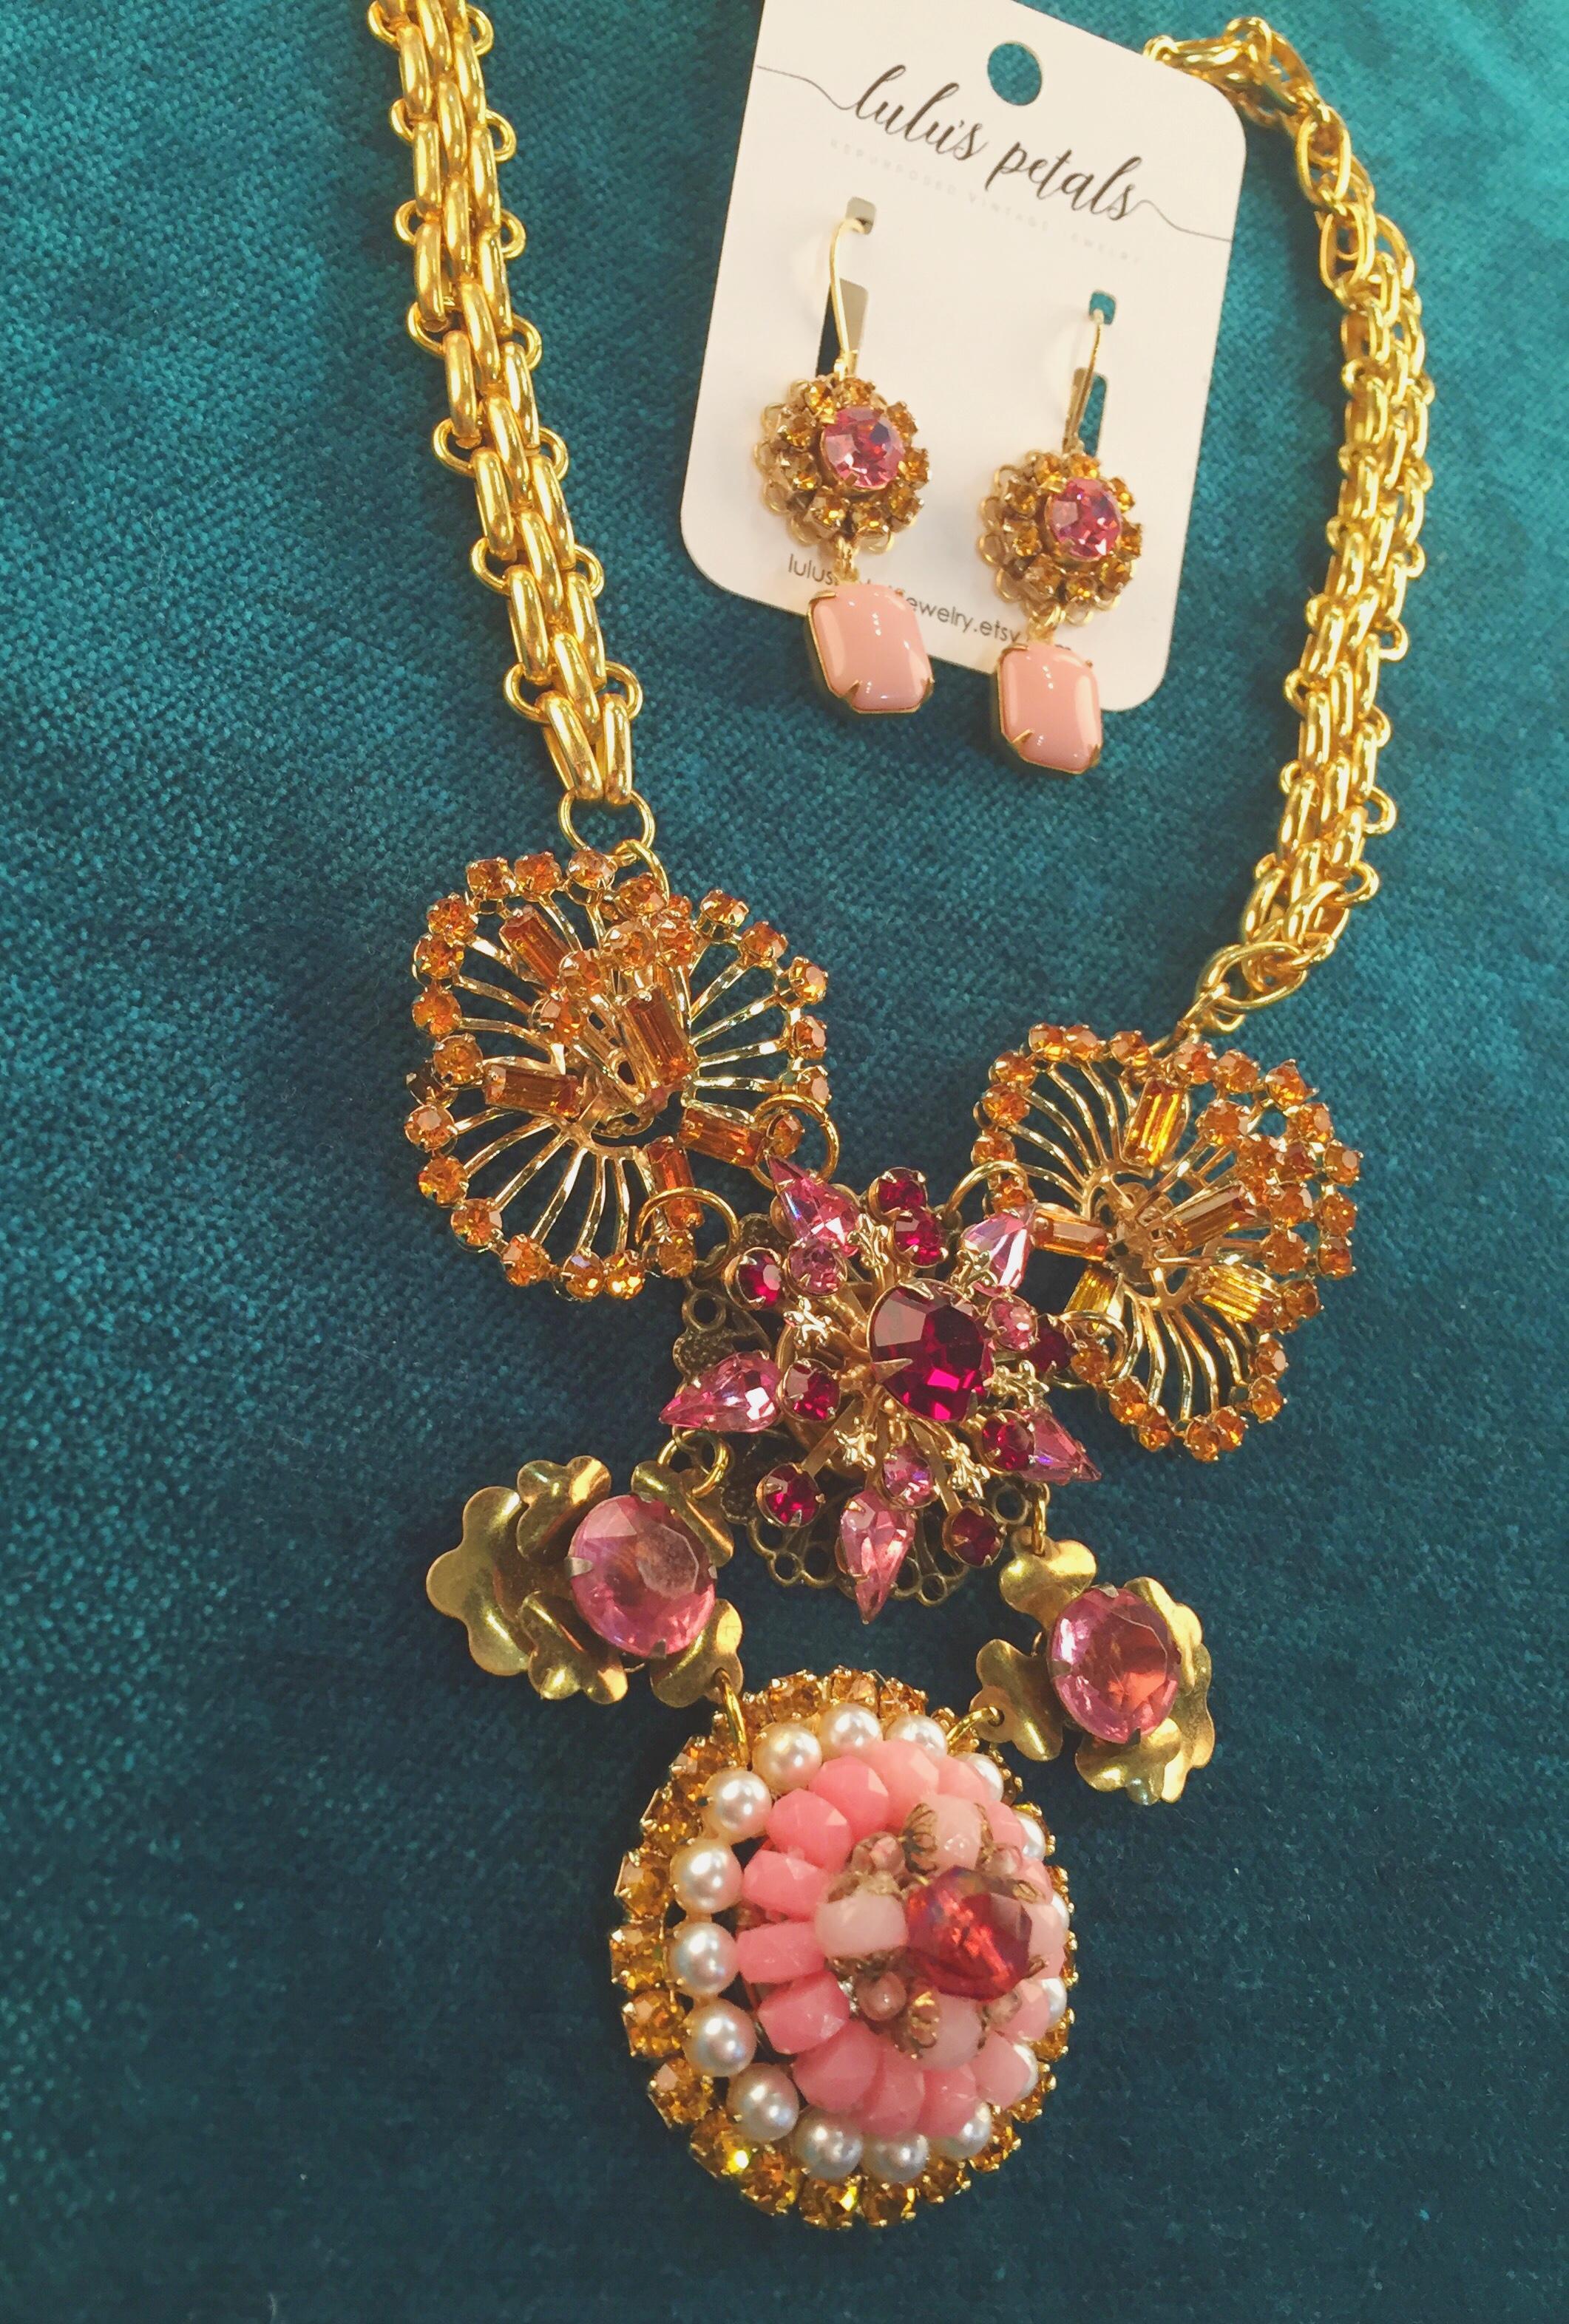 Necklace, $98; earrings, $34